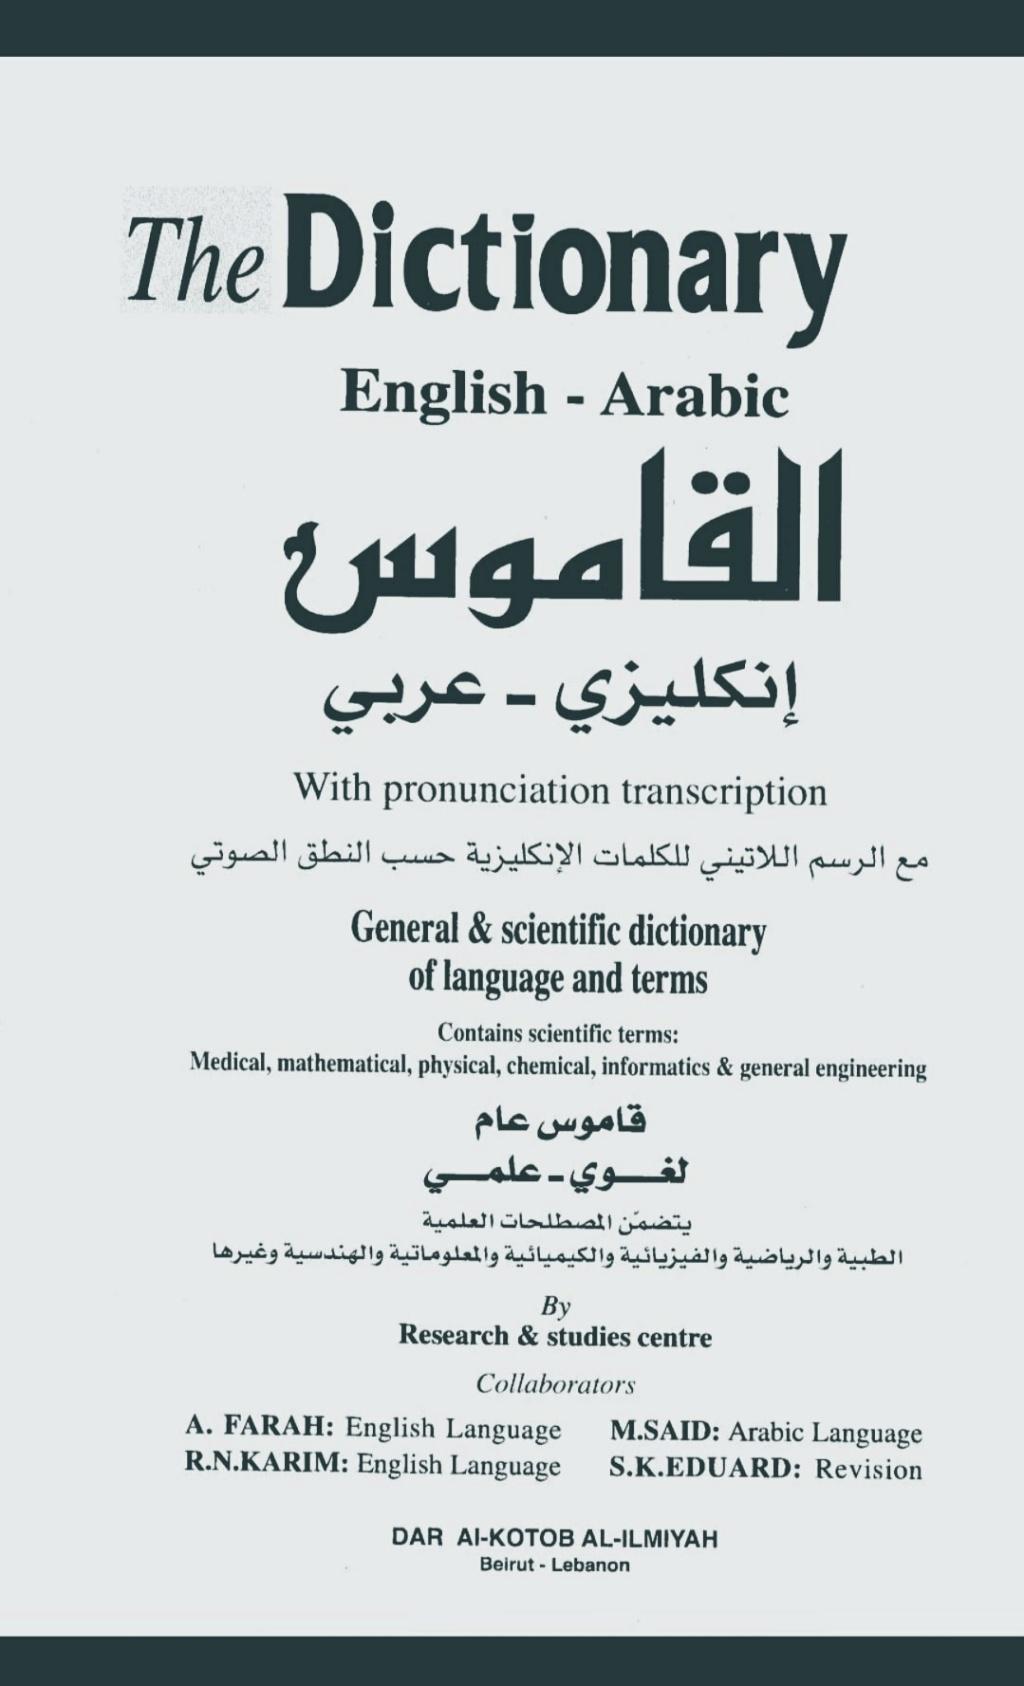 لغة انجليزية: قاموس عام (لغوى وعلمى) (انجليزي / عربي) 12073